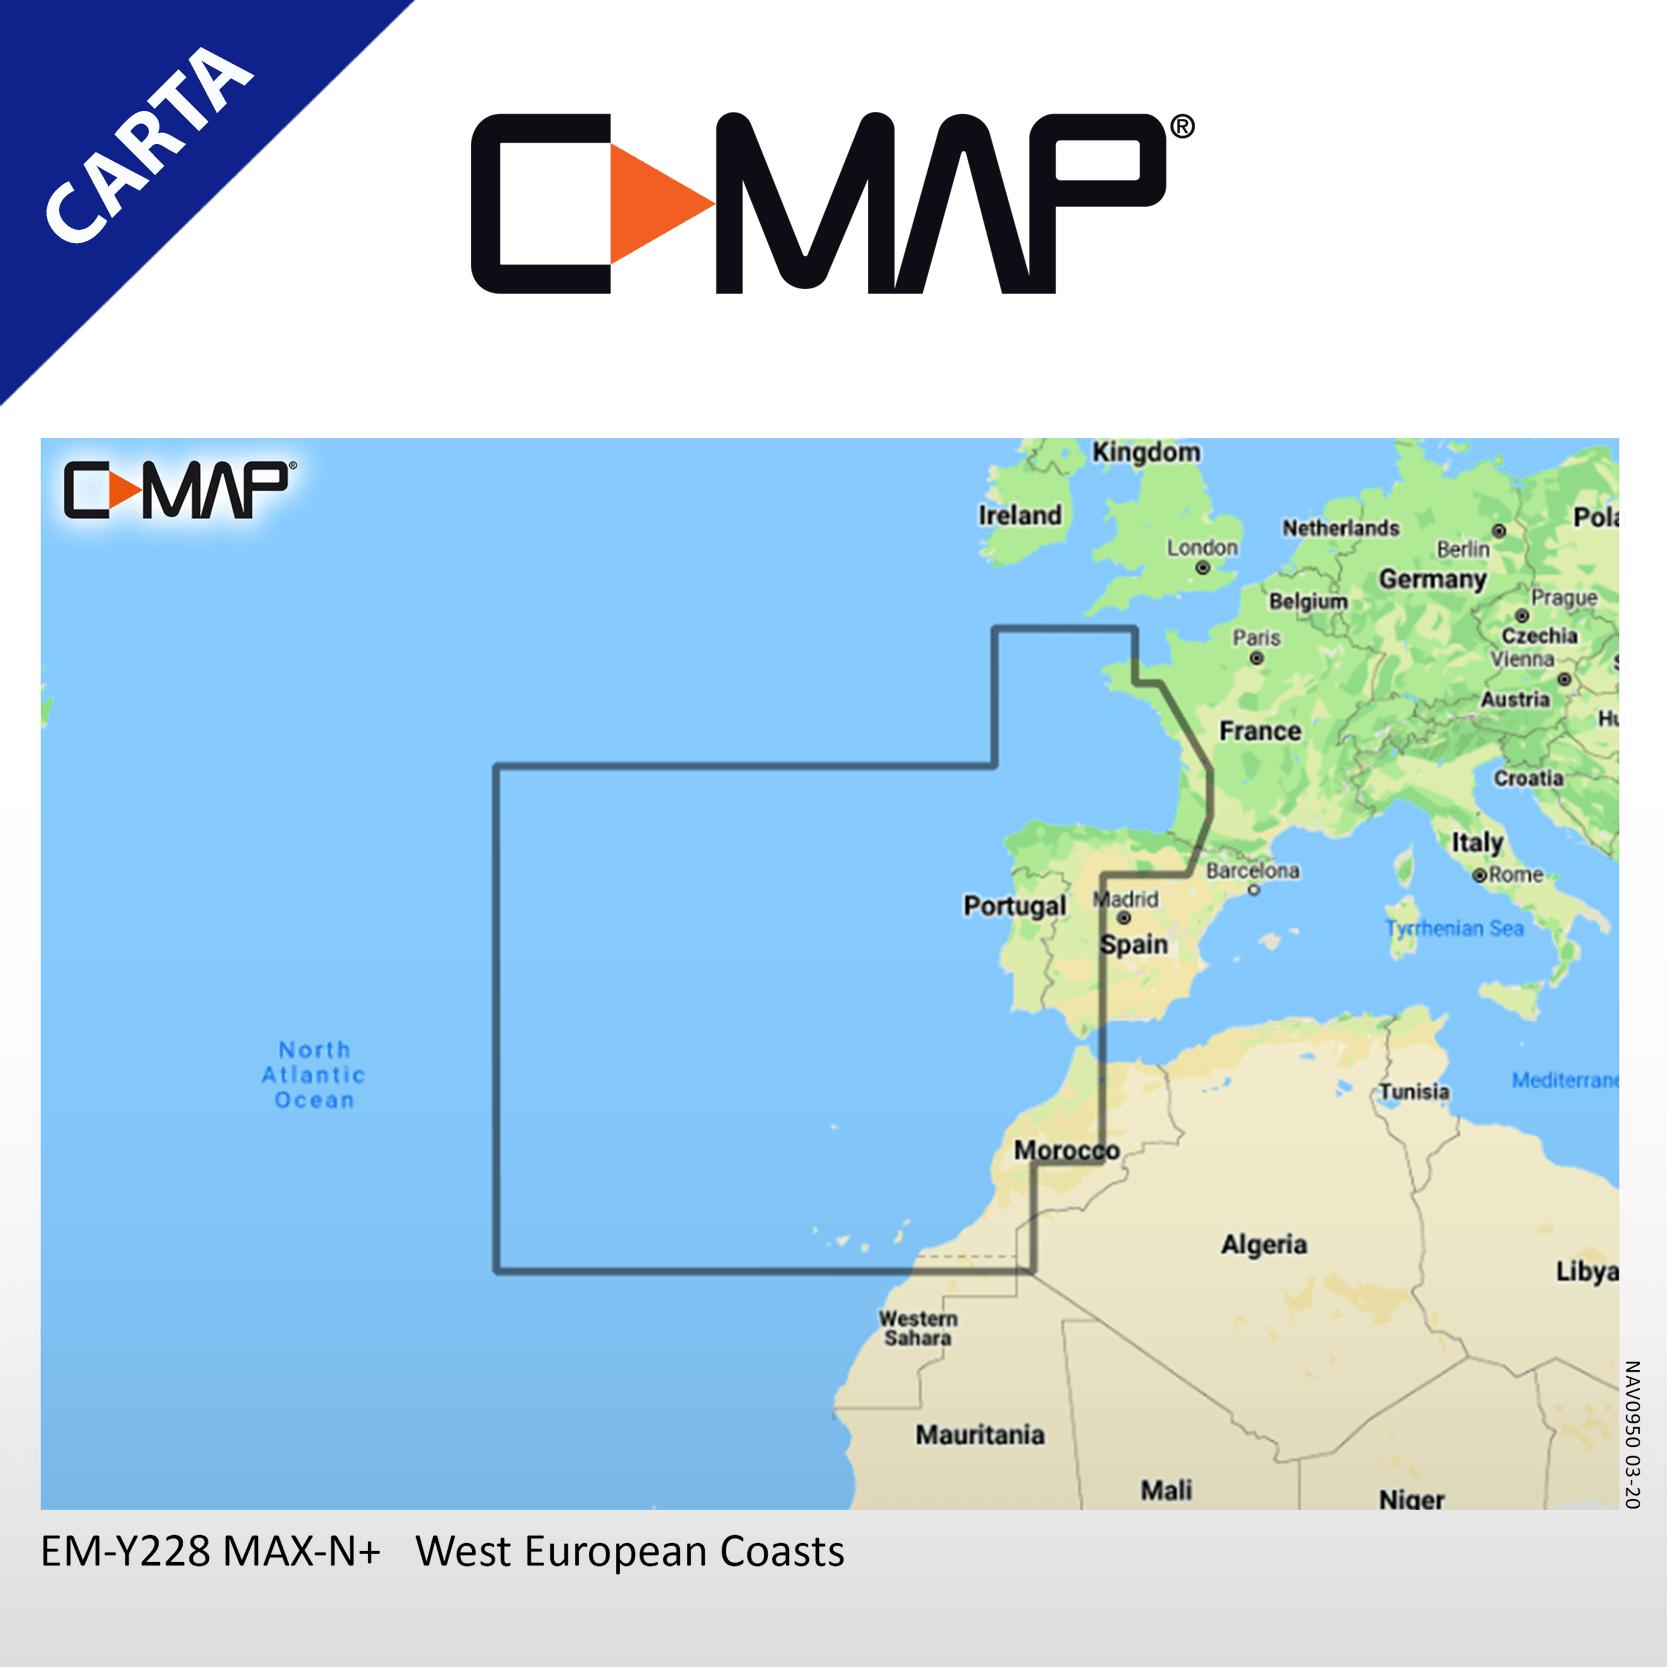 C-MAP-M-EW-Y228-MS-CMAP